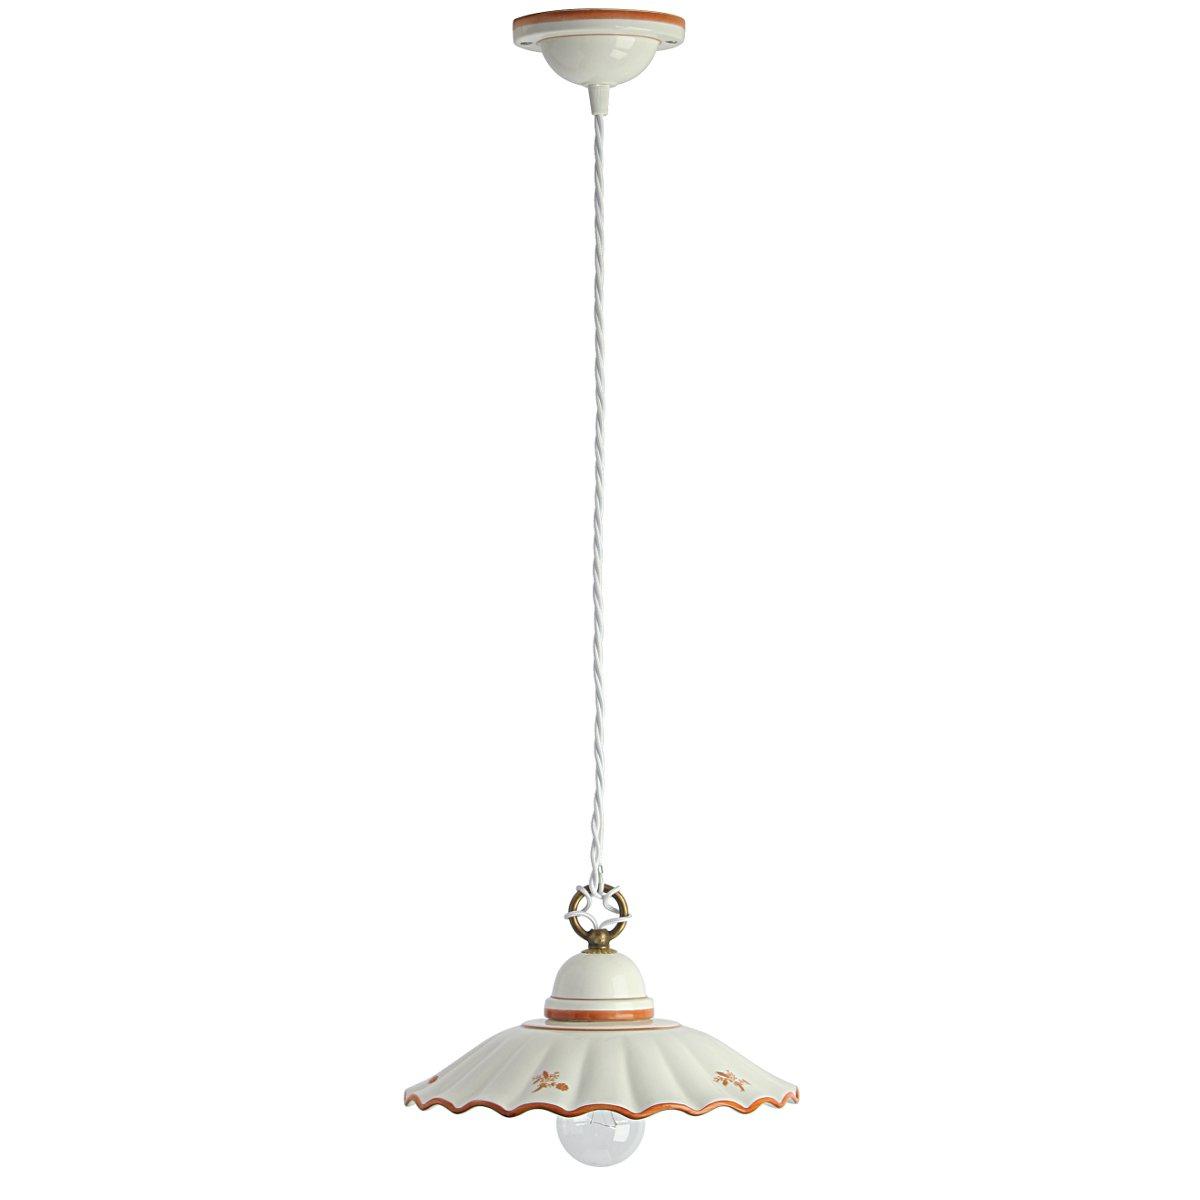 italienische pendelleuchte mit keramikschirm g nstig kaufen bei lampen suntinger shop. Black Bedroom Furniture Sets. Home Design Ideas